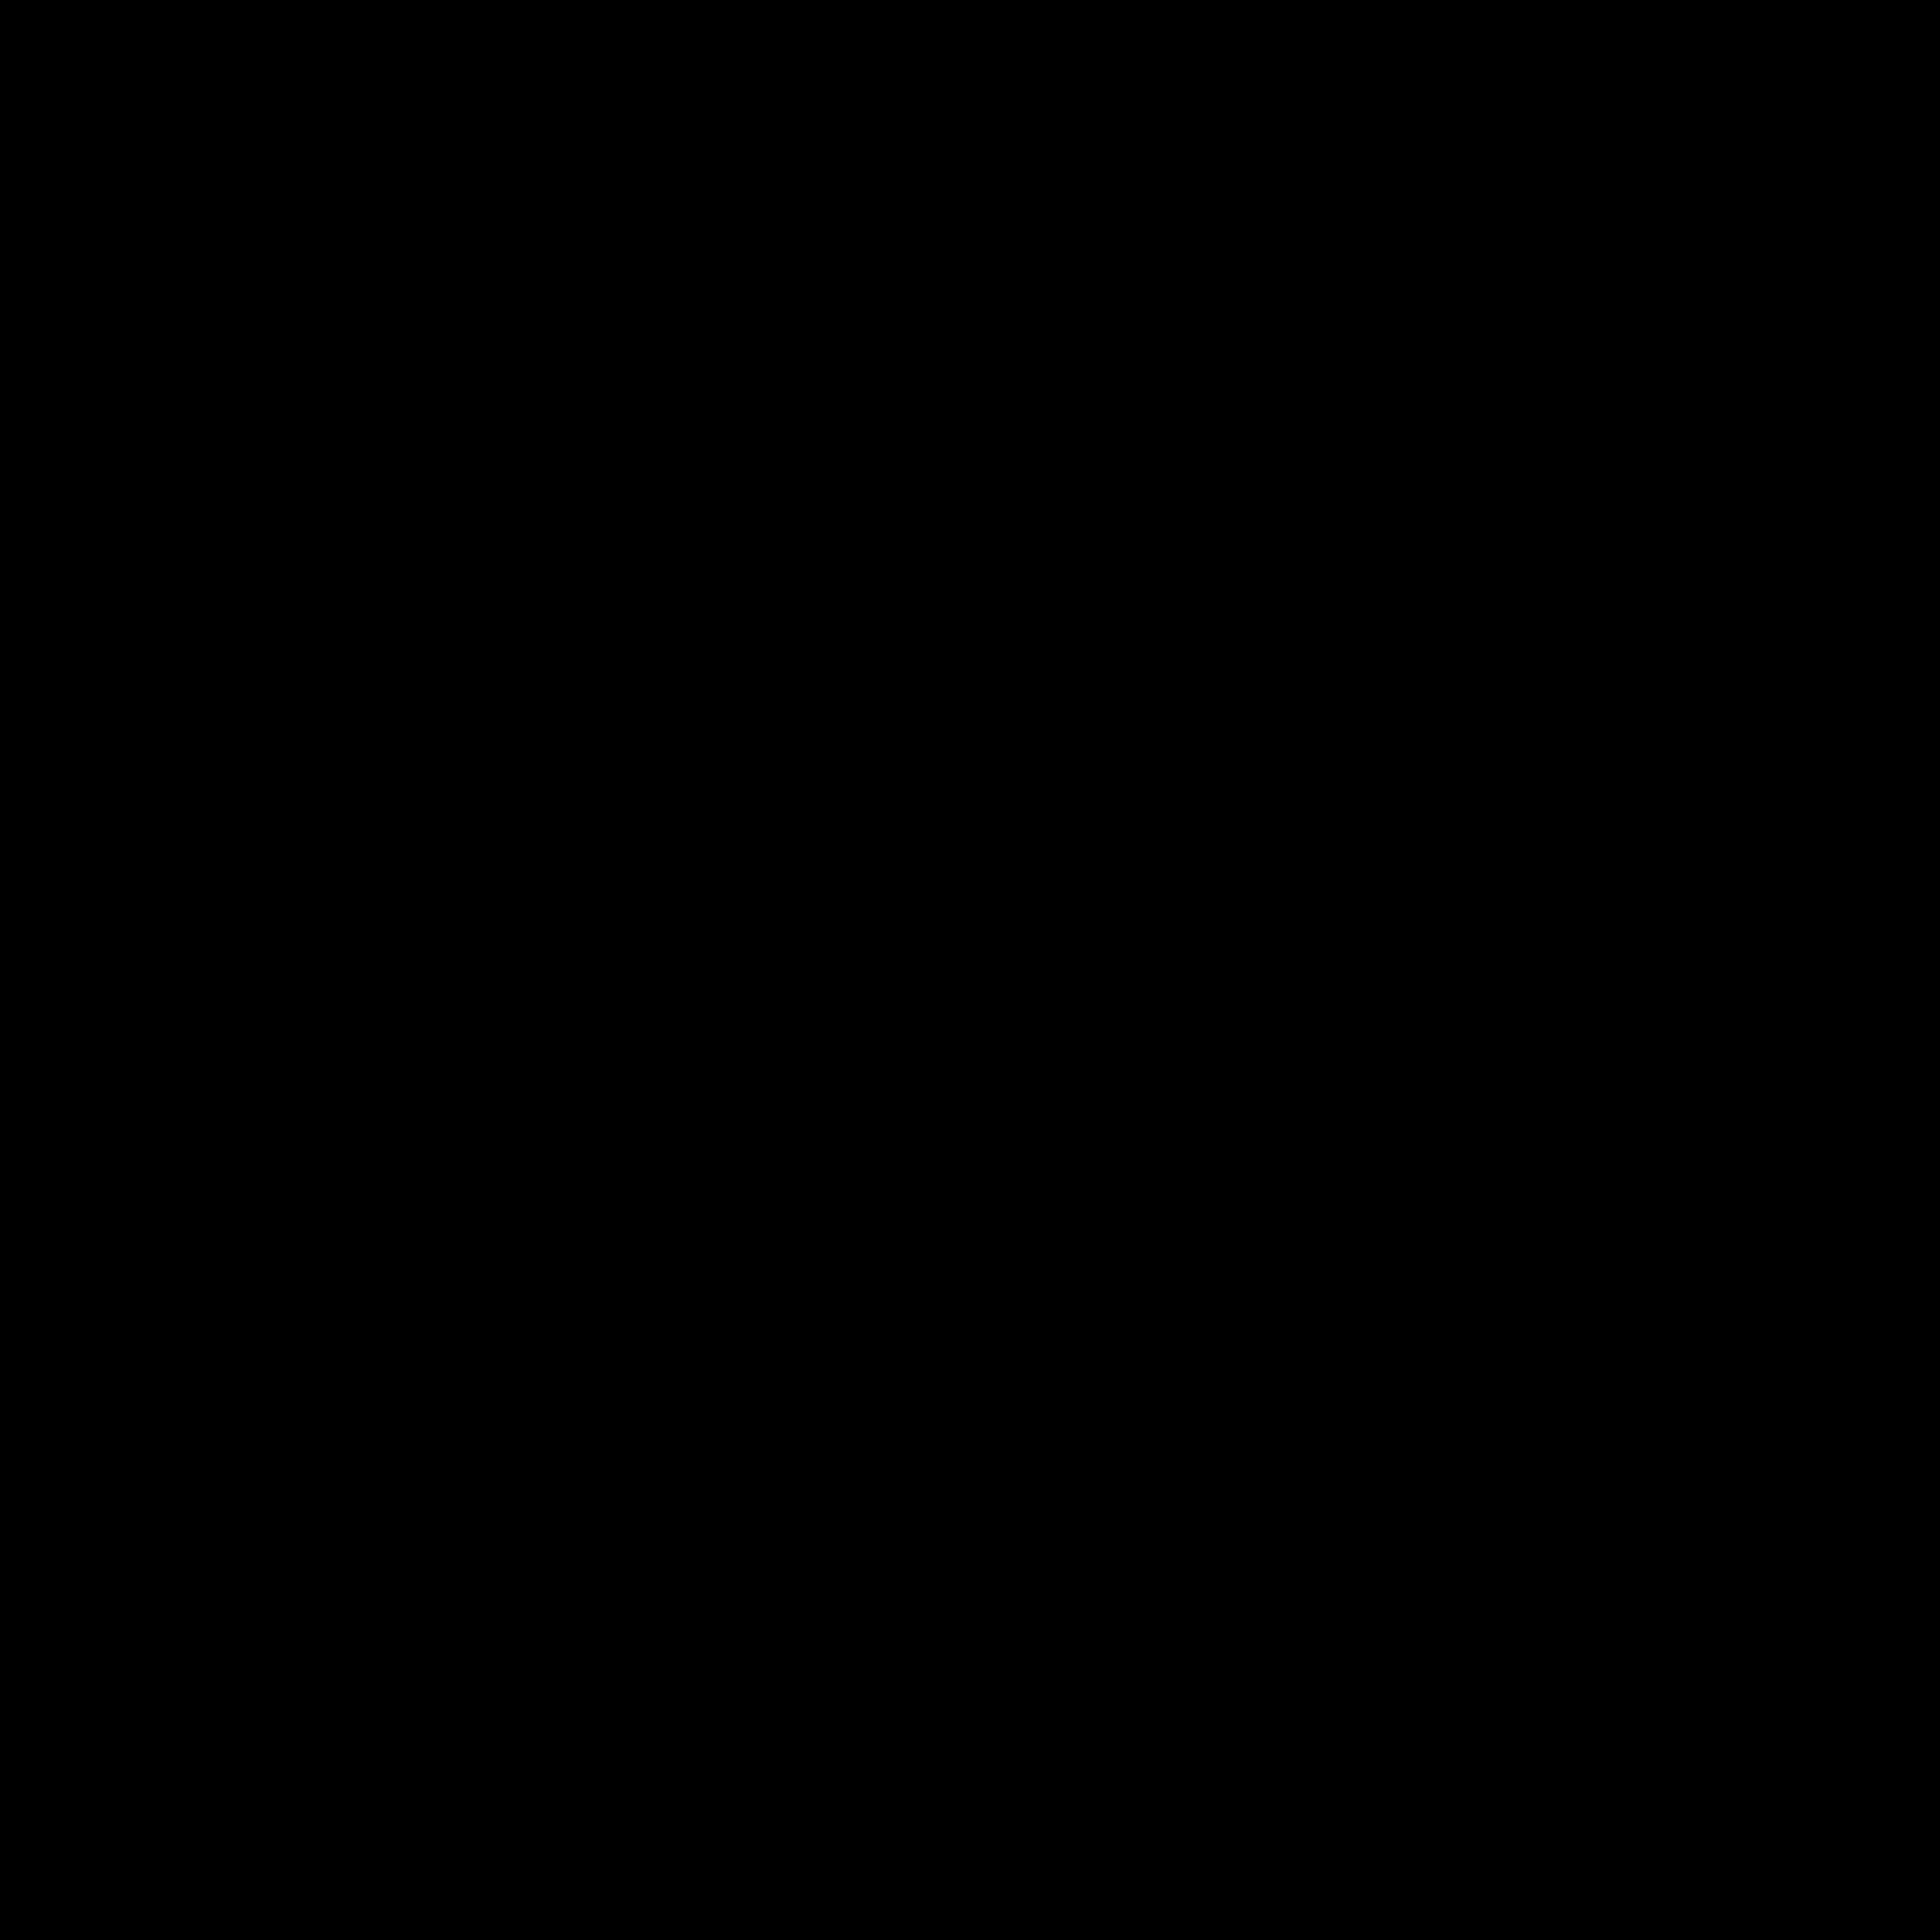 Schramm Fensterbau